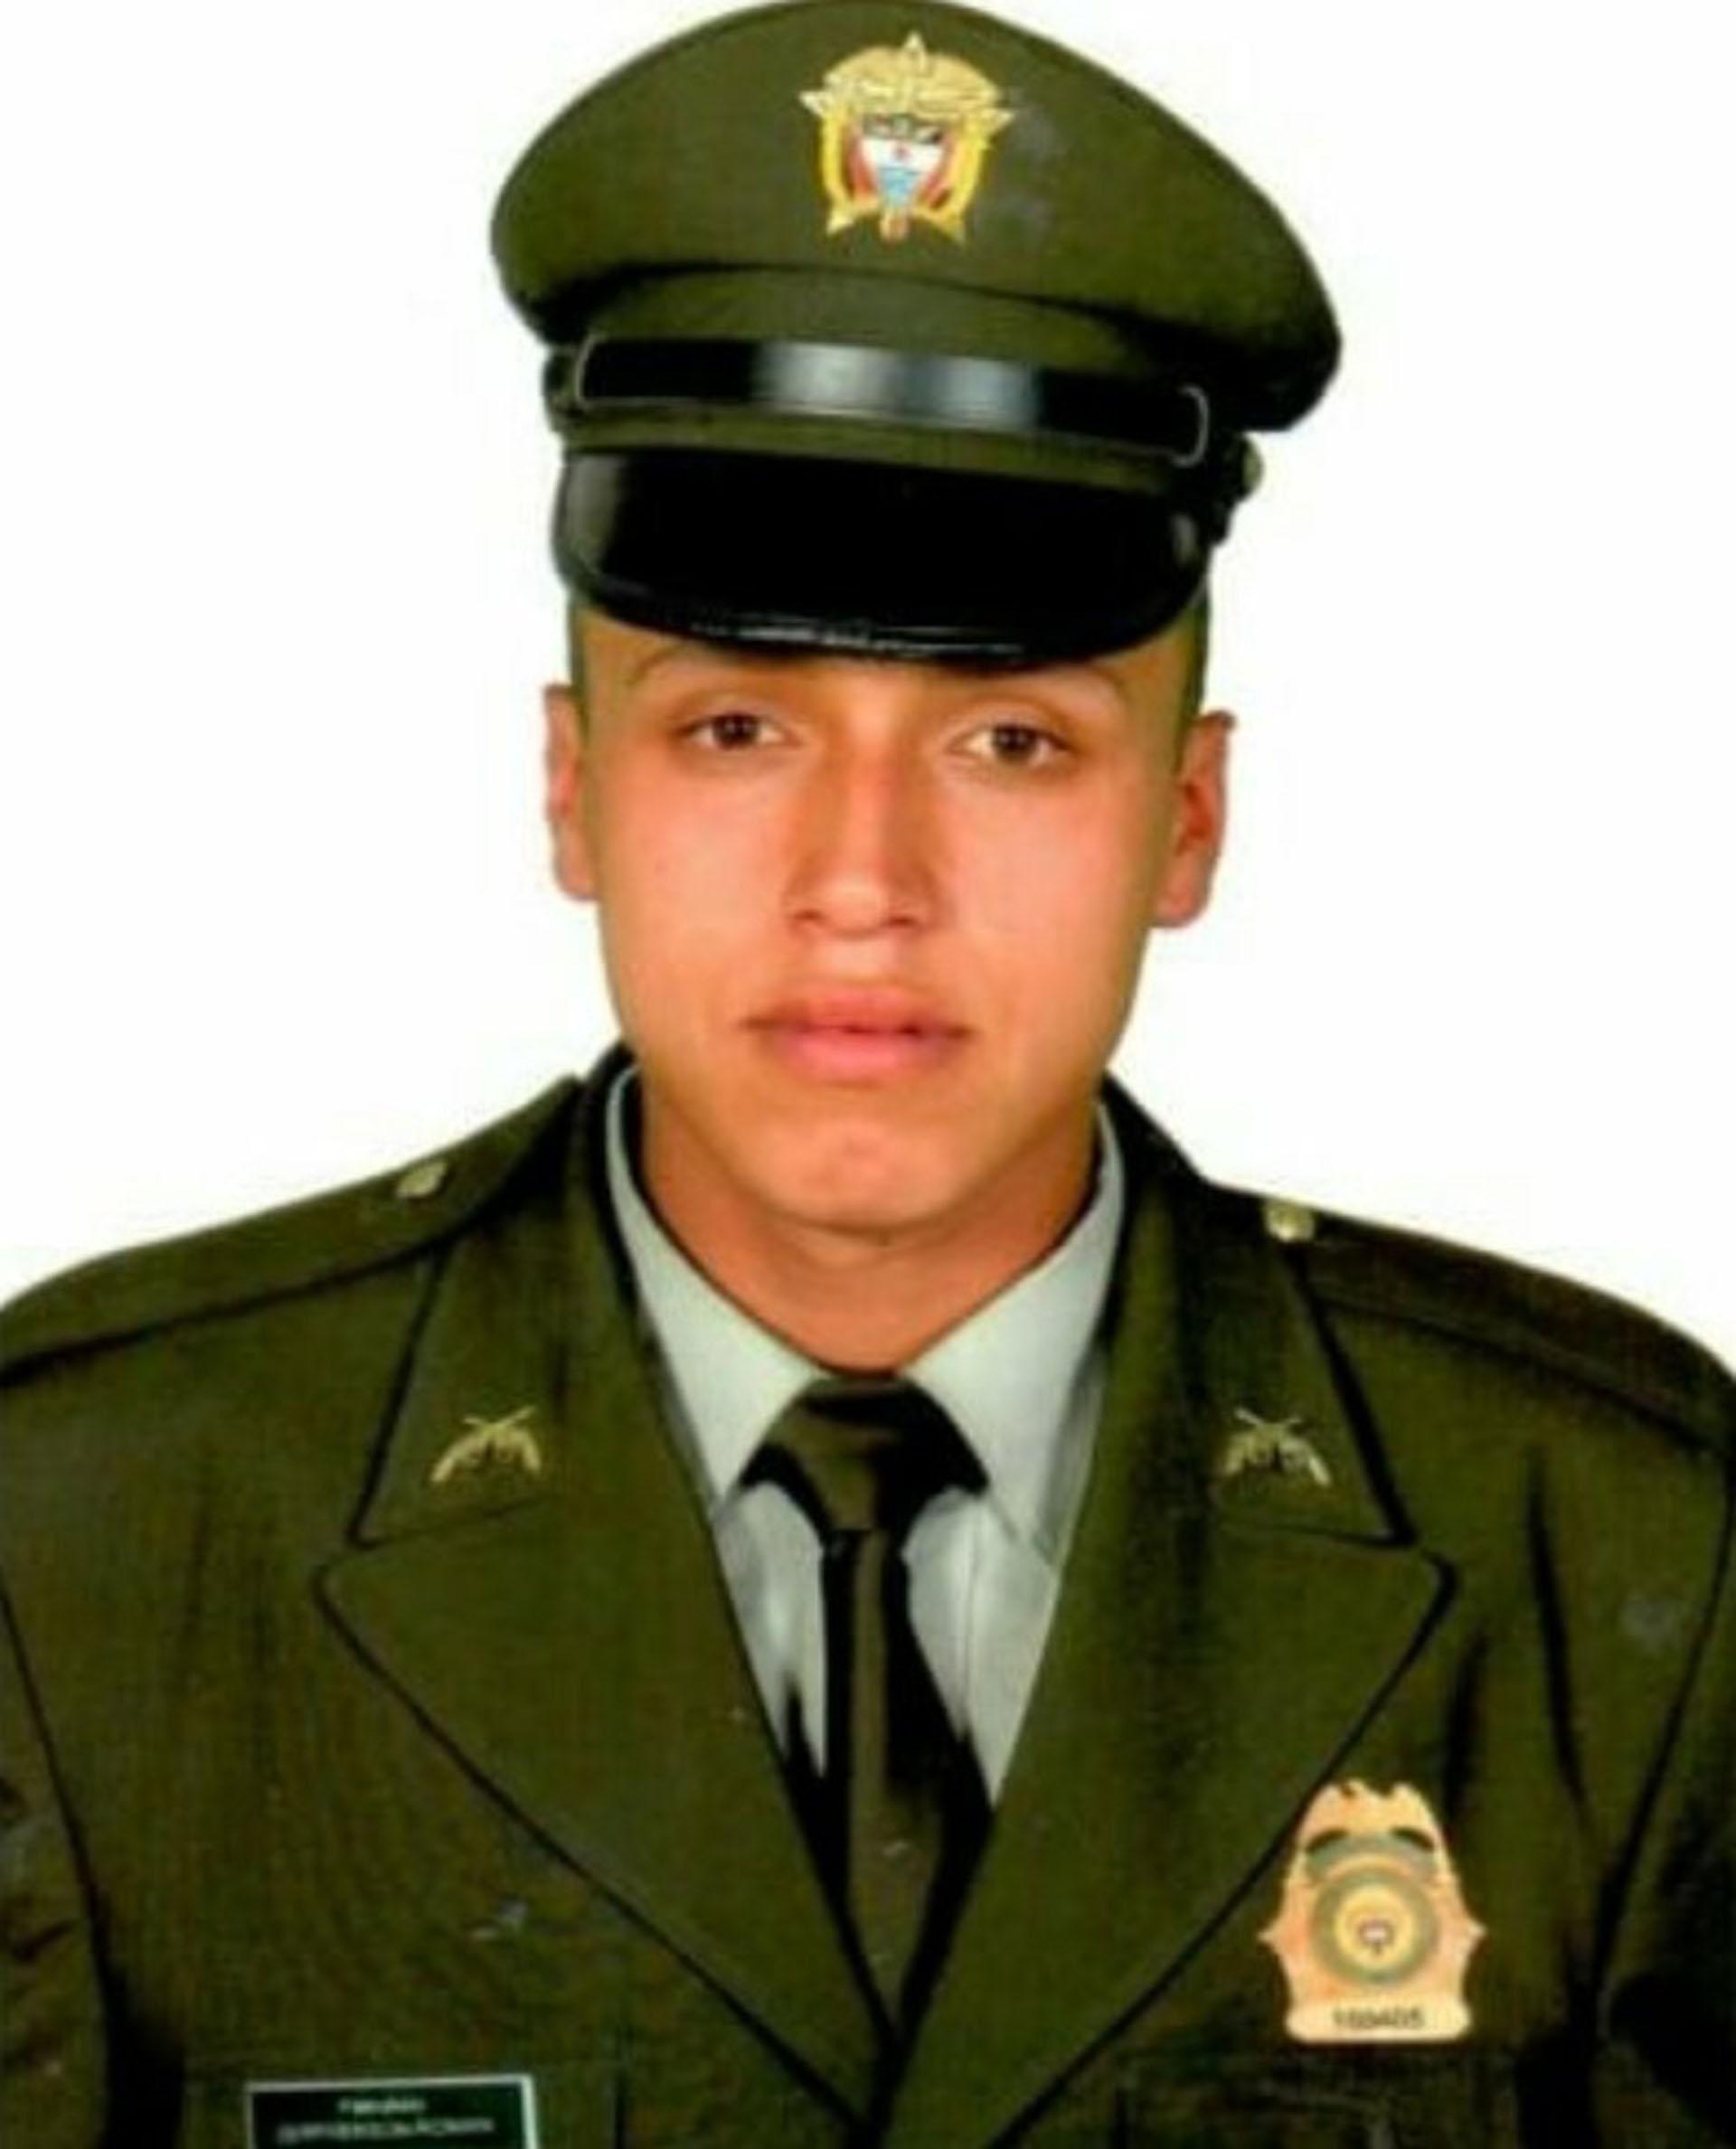 Jefferson Ricardo Román Bolívar, el patrullero de 27 años asesinado en el atentado de Tunja, tenía cinco años de servicio en la institución y era padre de una niña de 2 años.